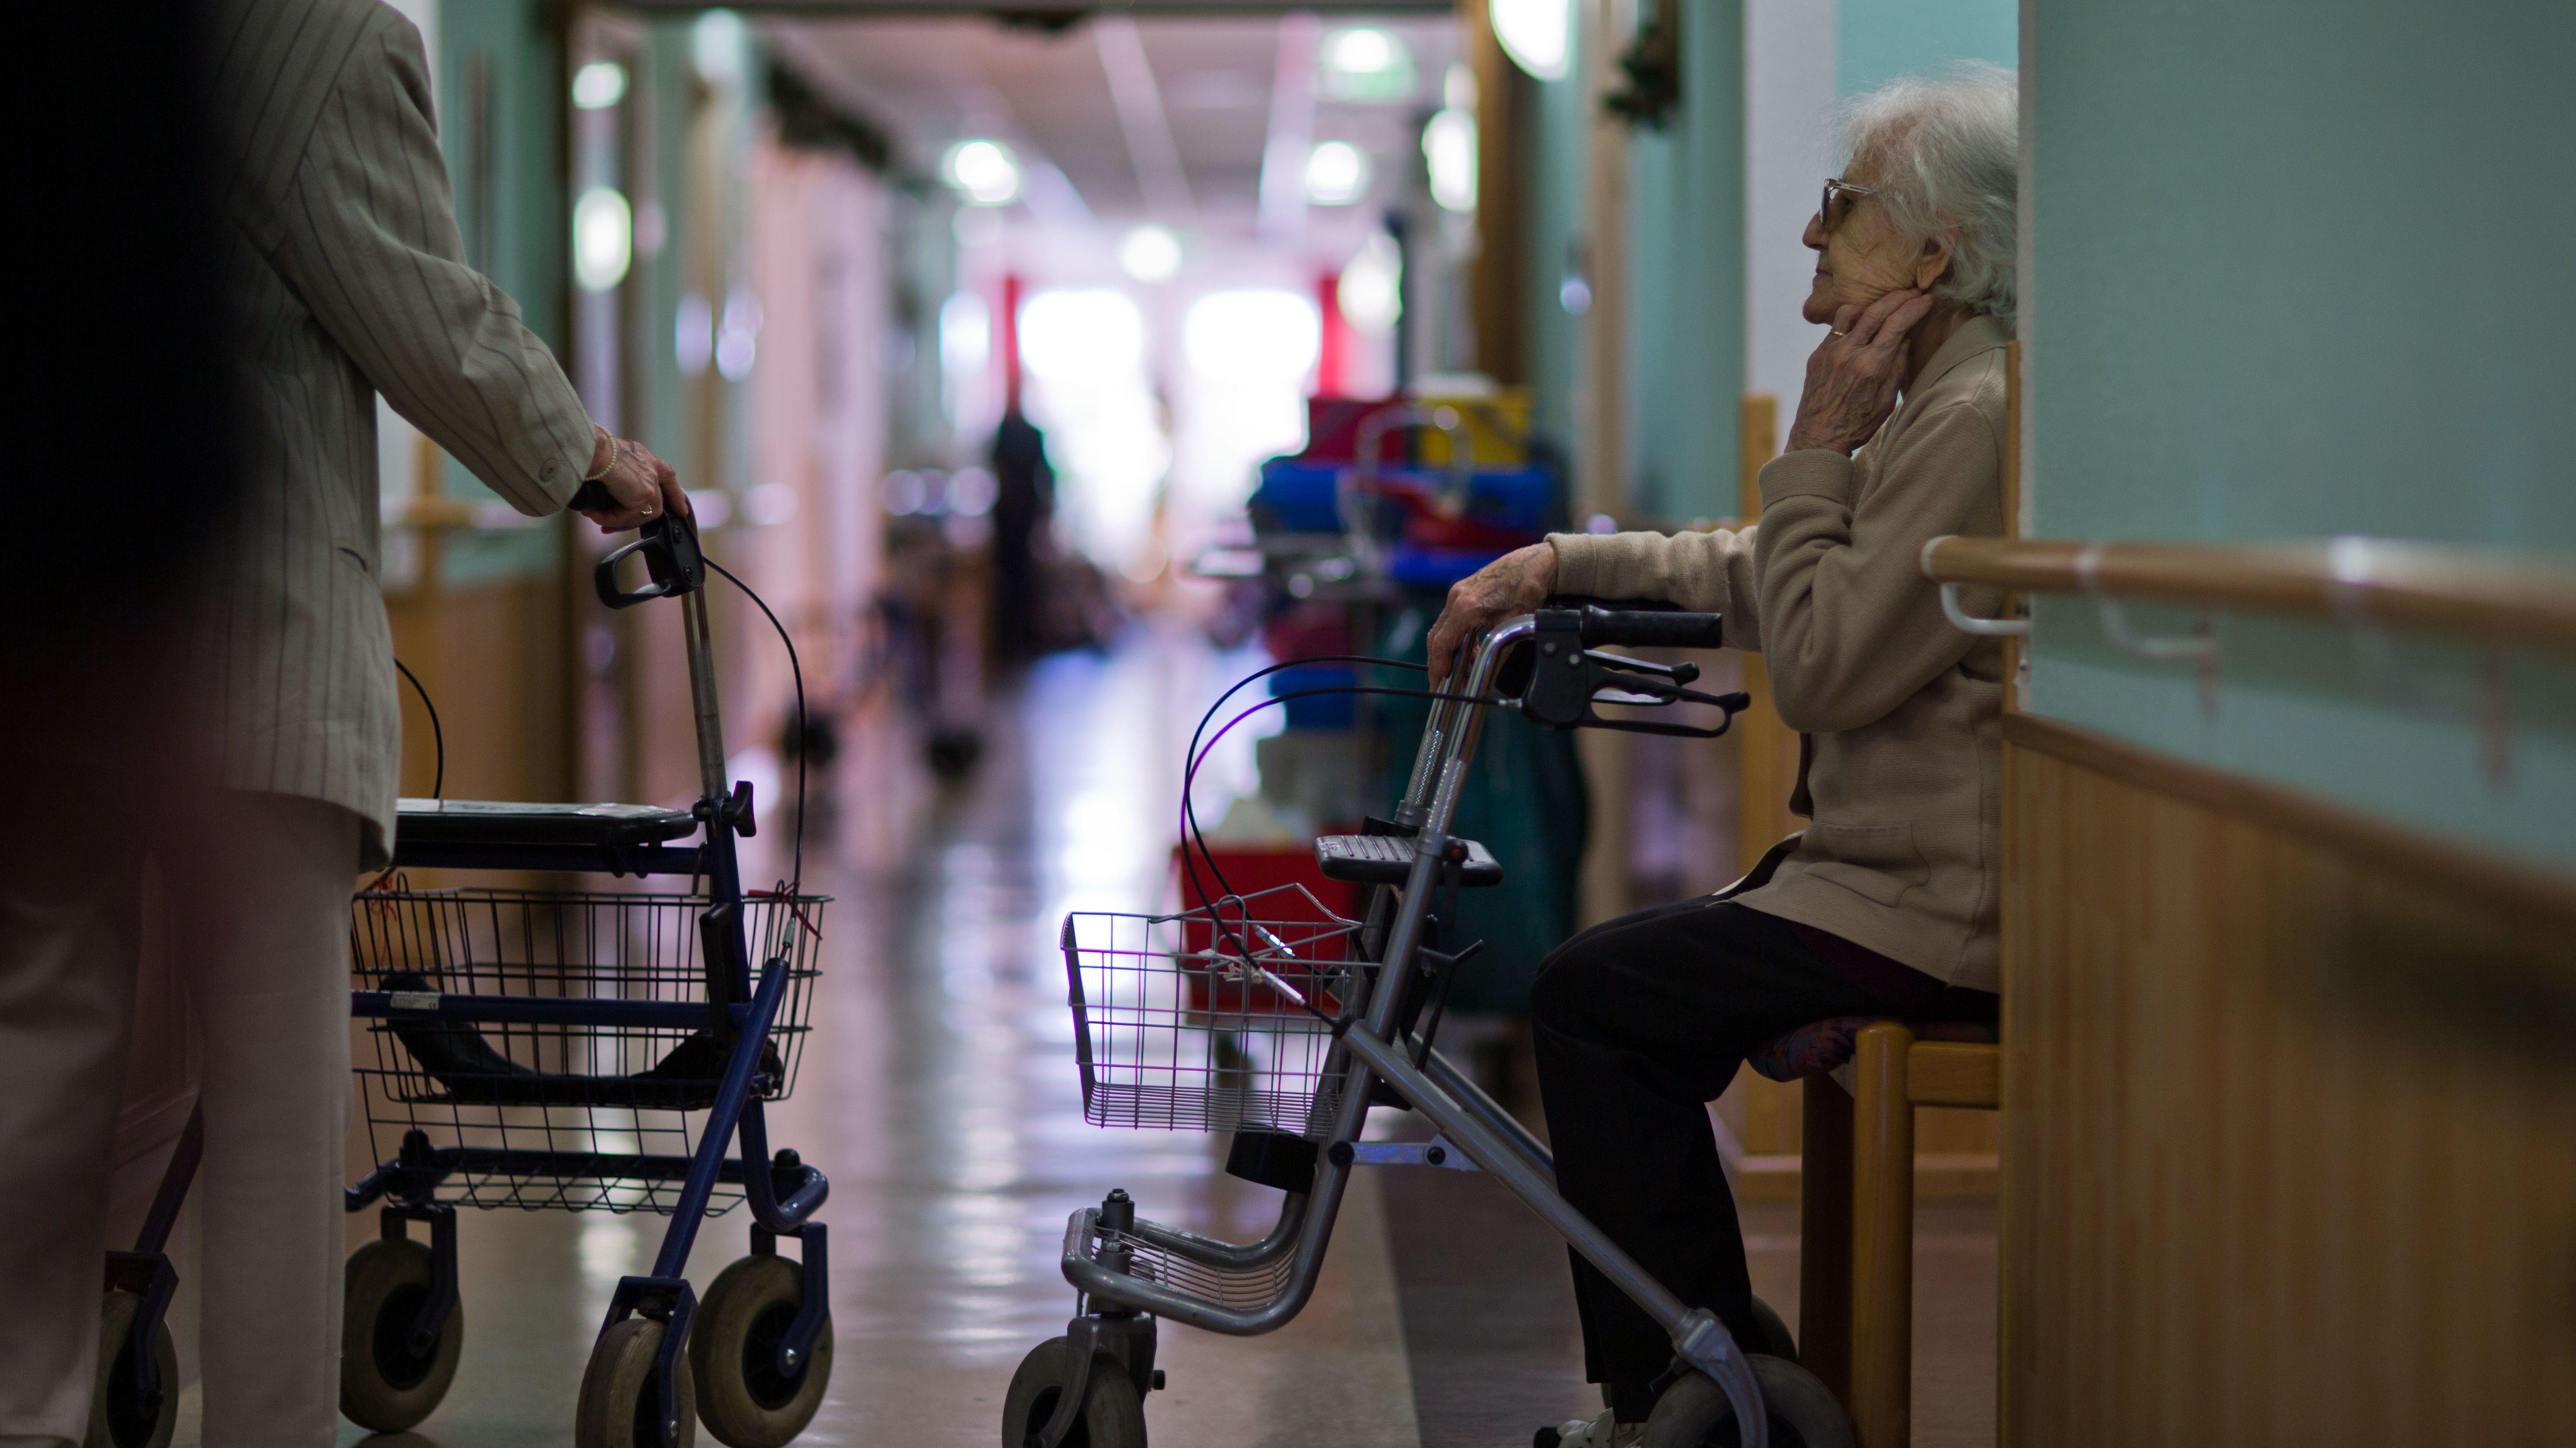 Bewohner eines Alten- und Pflegeheimes (Symbolbild)